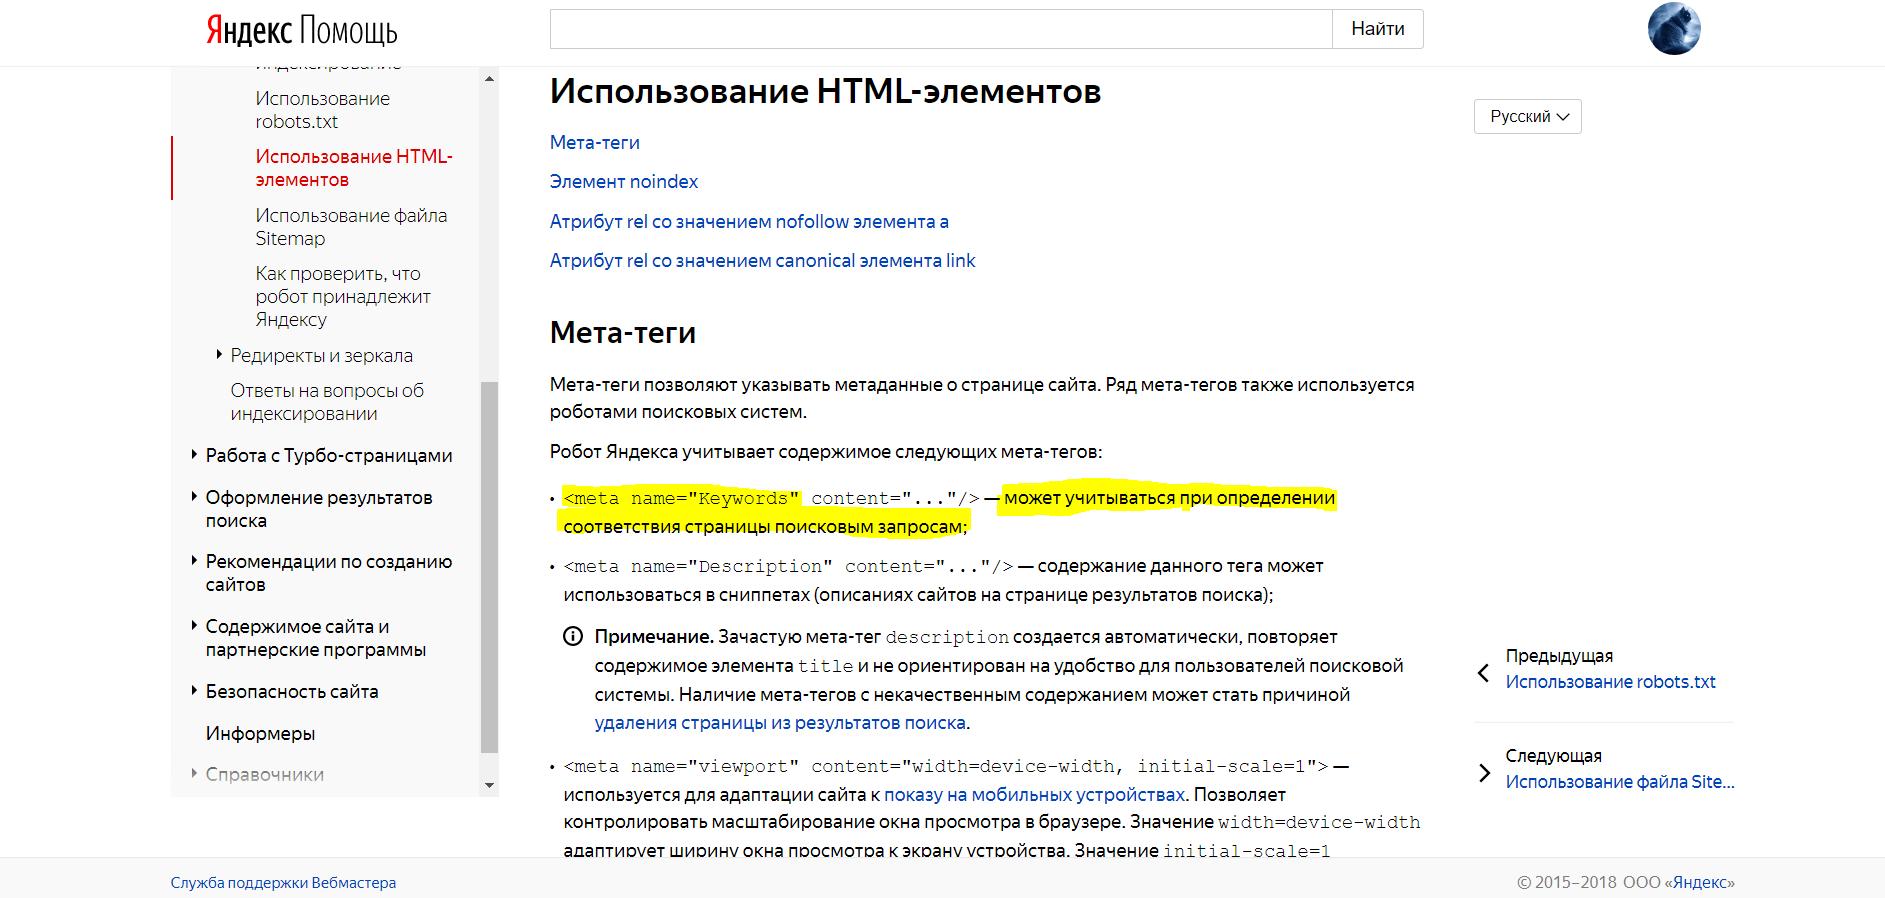 Meta keywords все еще используются в Яндексе